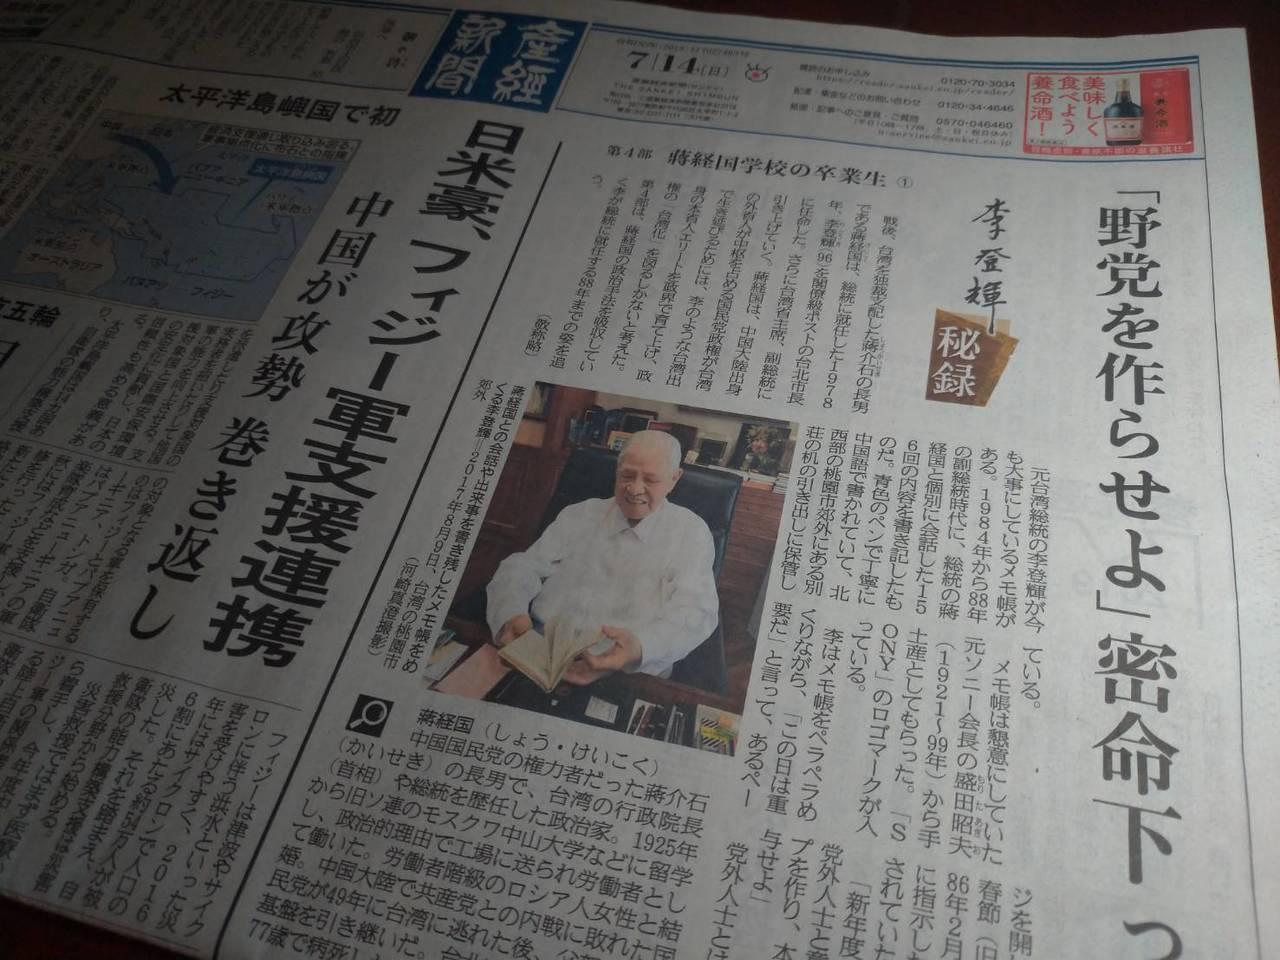 日媒產經新聞的李登輝秘錄連載今進入第四部,第一集副標題為「收到密令『讓在野黨成形...